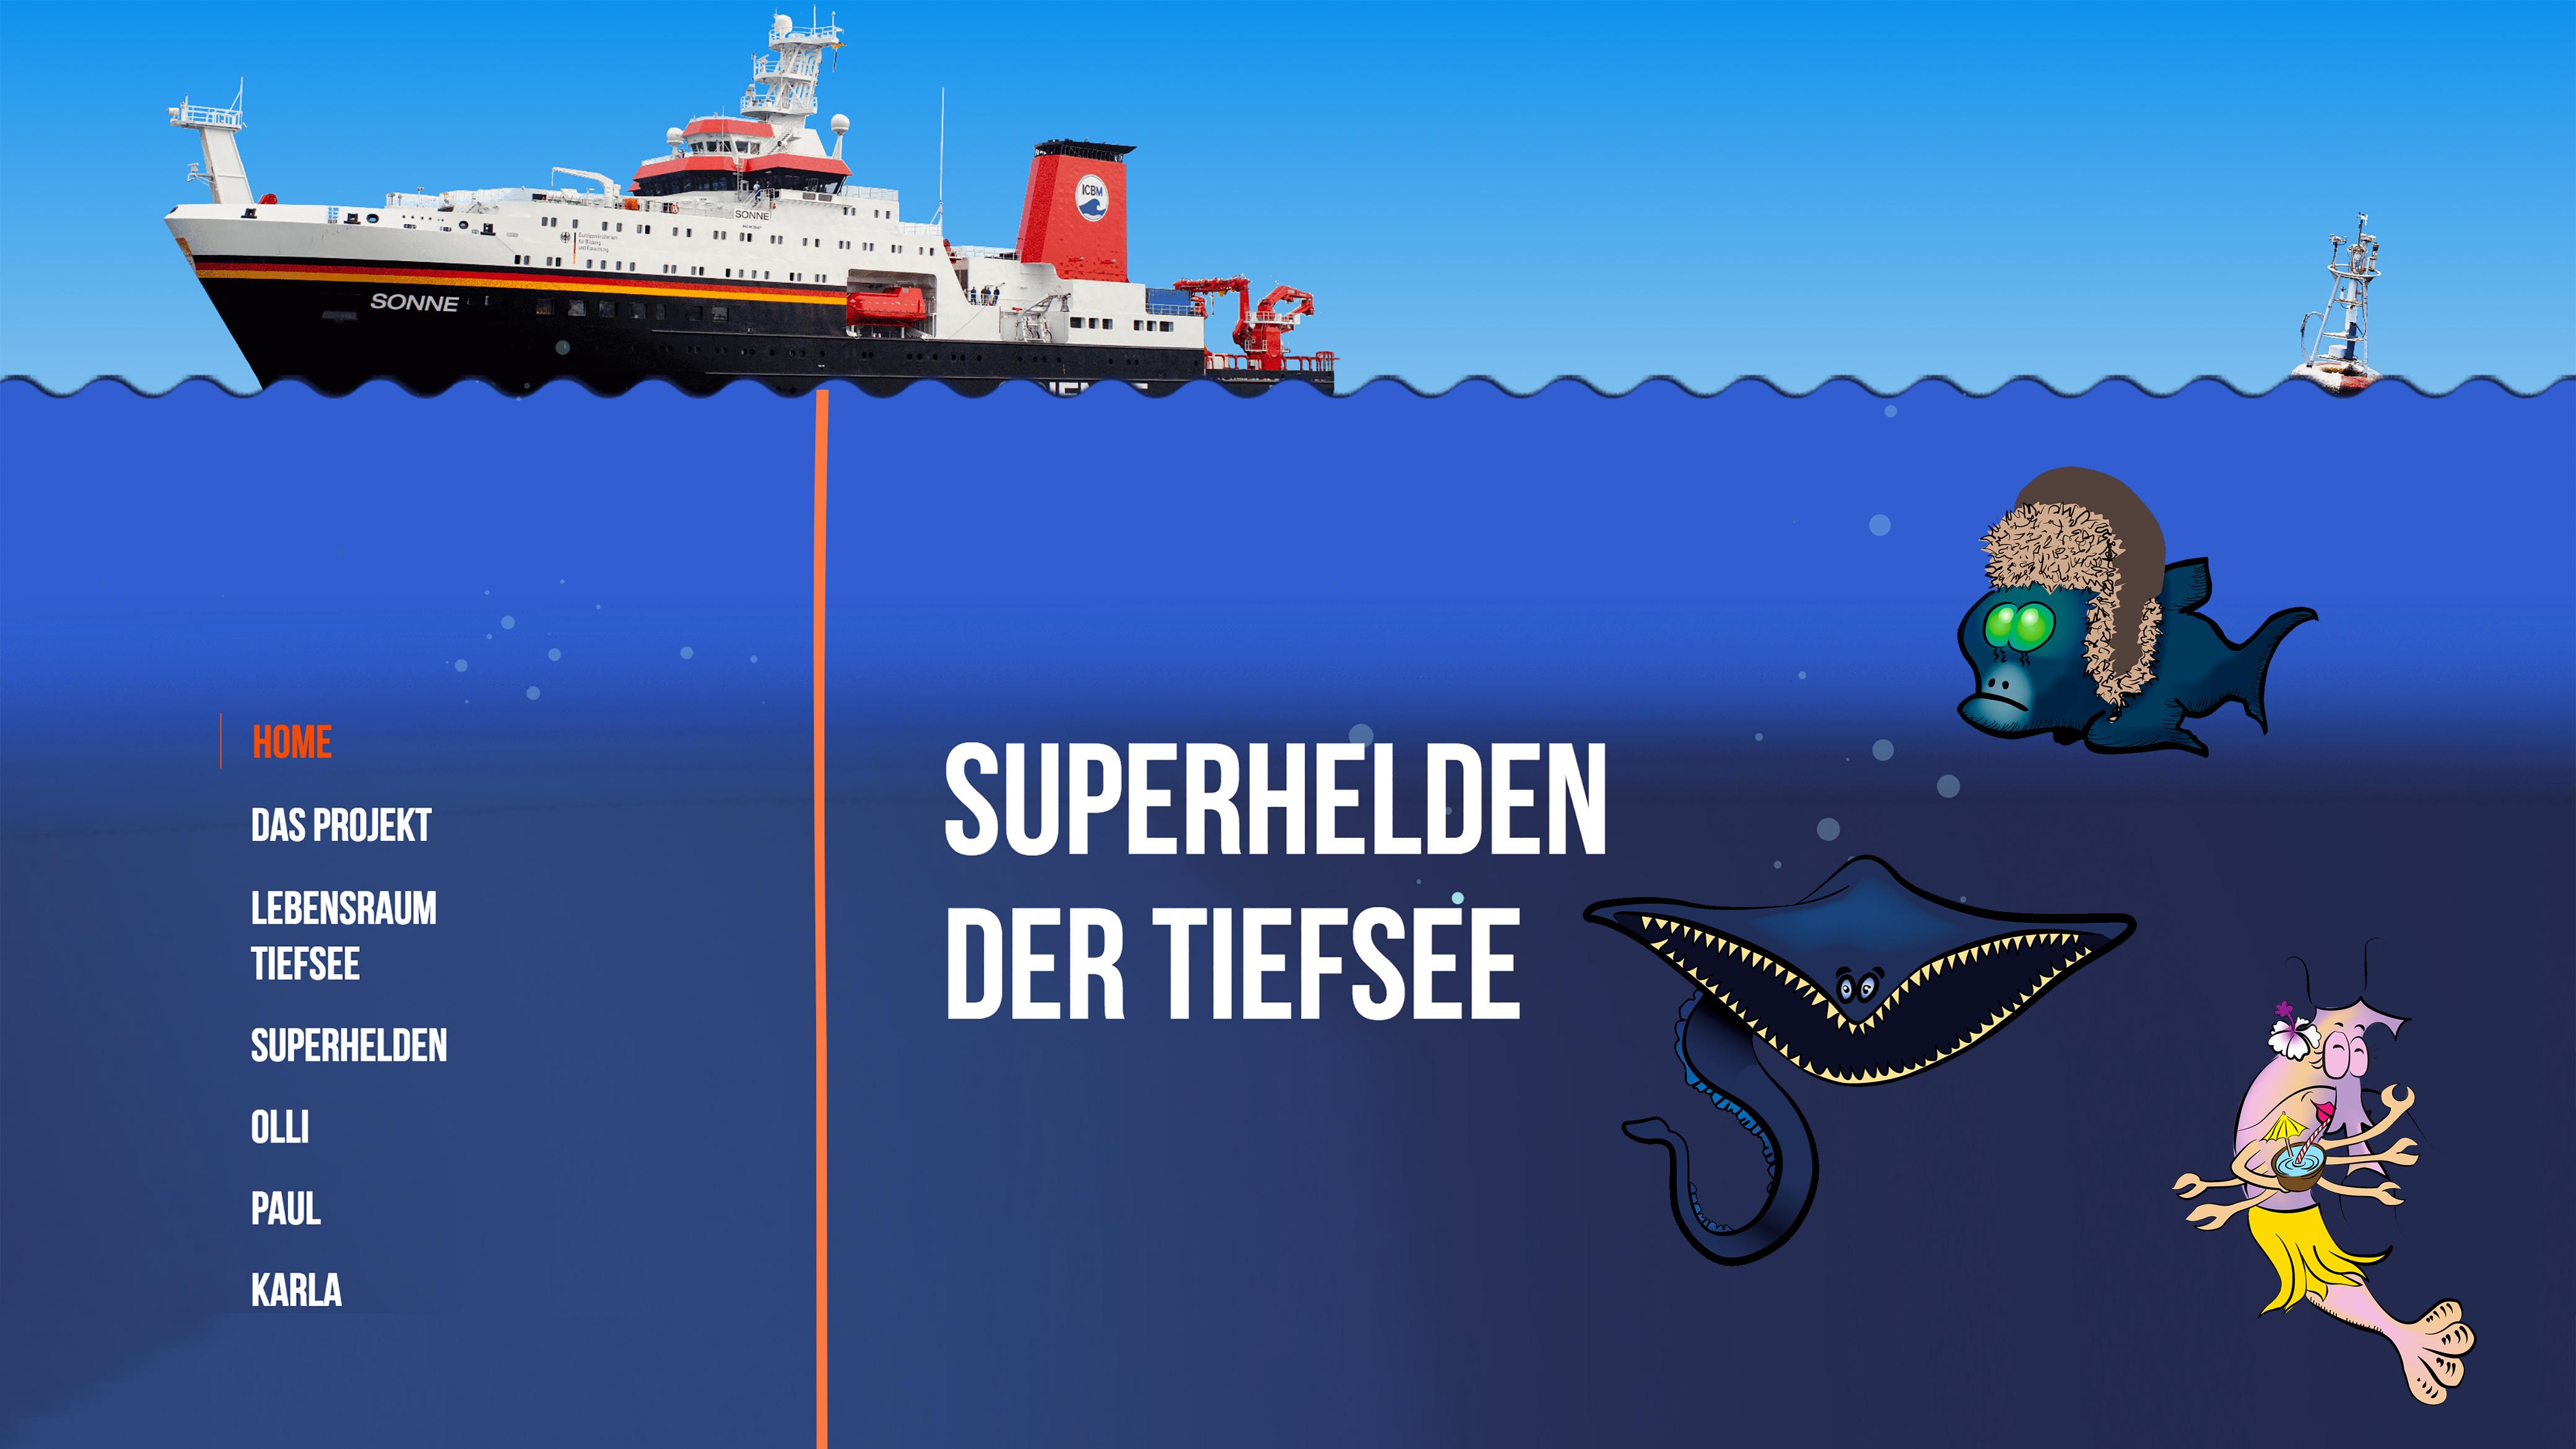 Superhelden_online